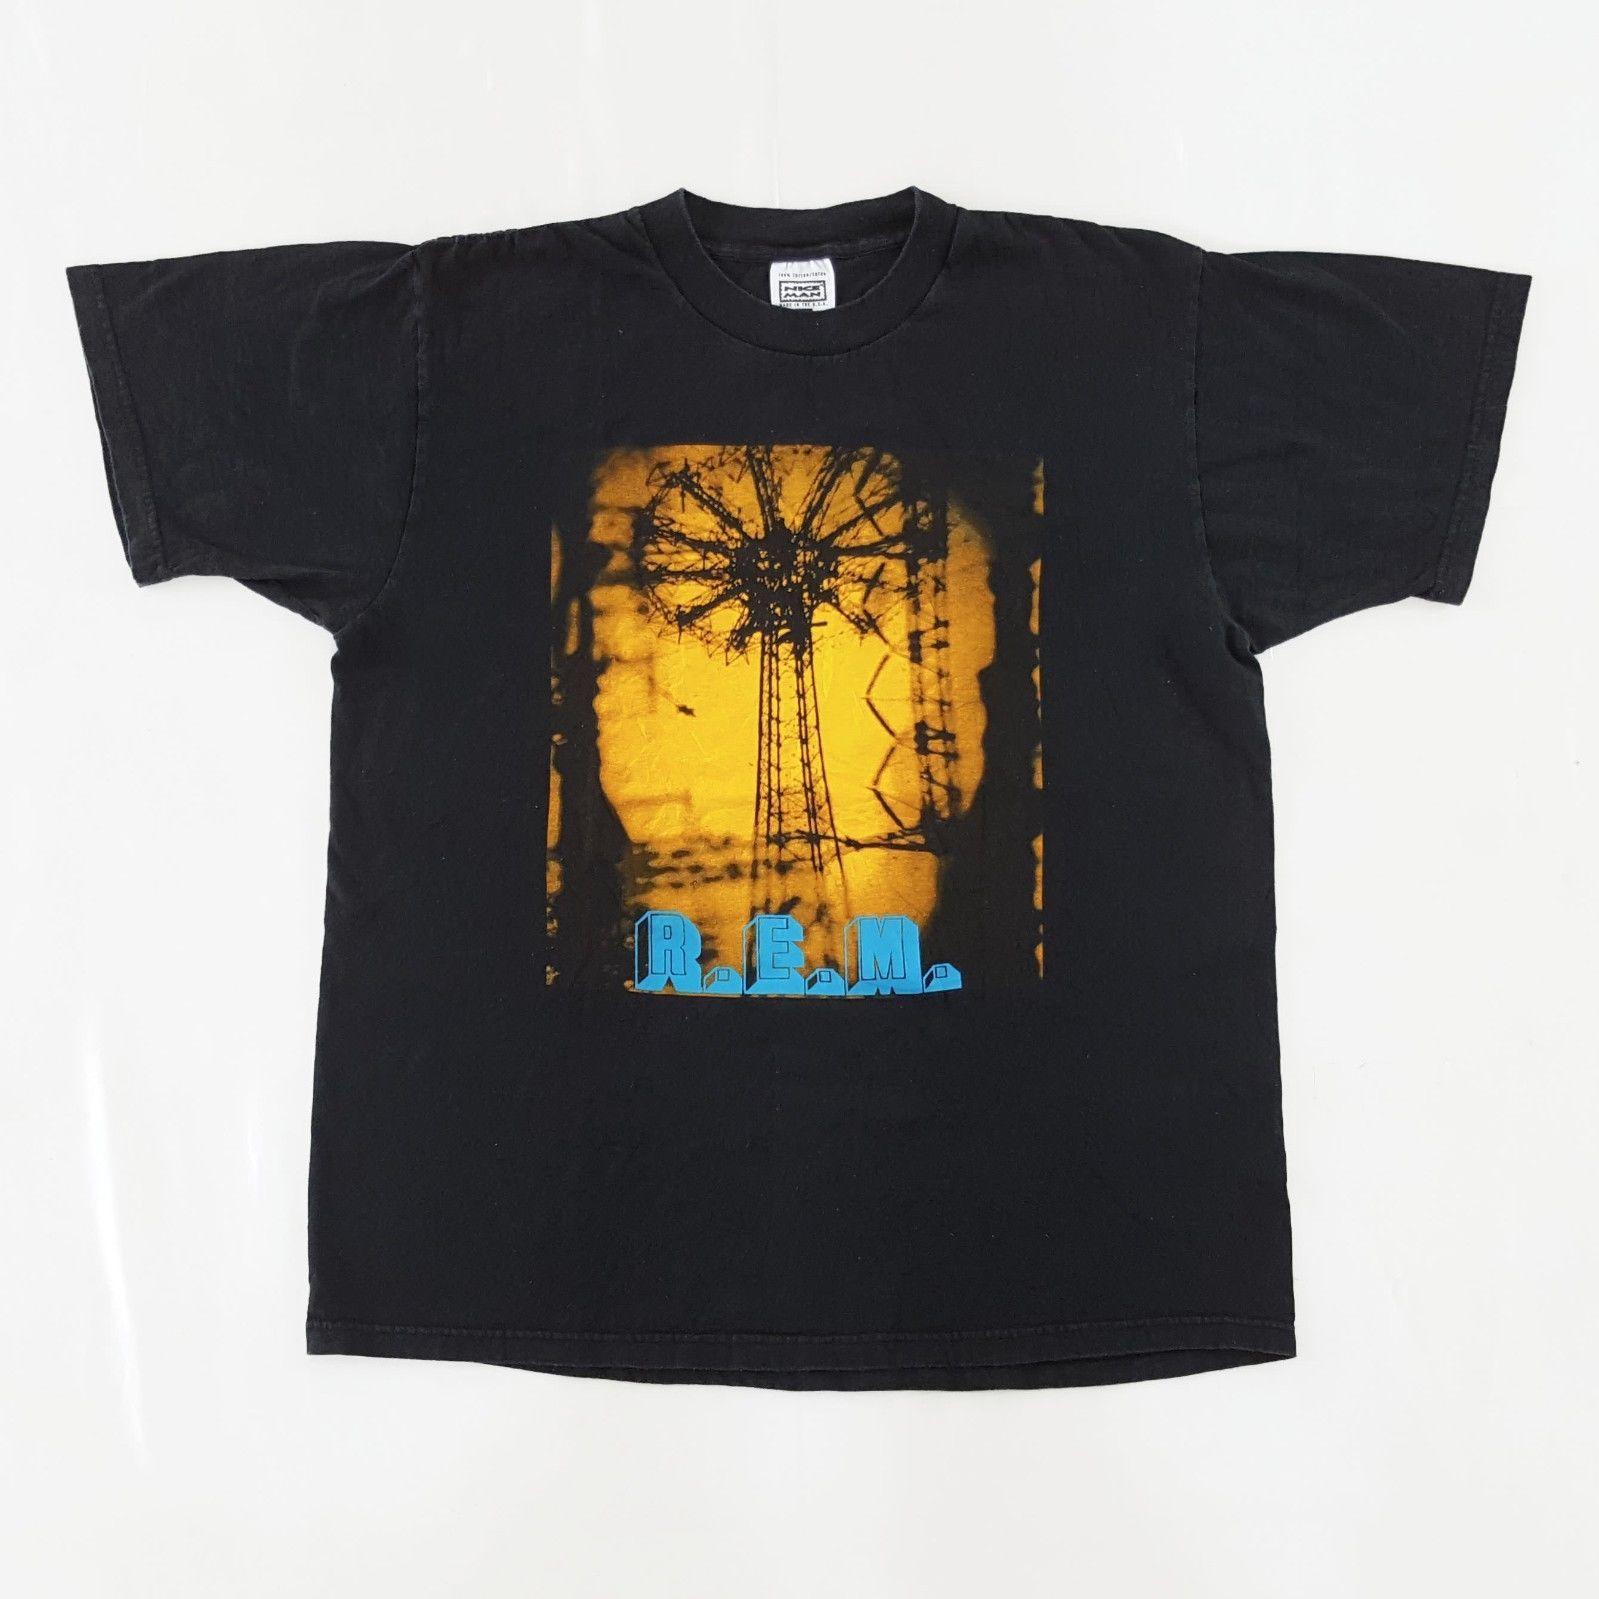 e4ef0cef47c8c Vintage R.E.M. 1995 Tour T-Shirt for sale! http   www.